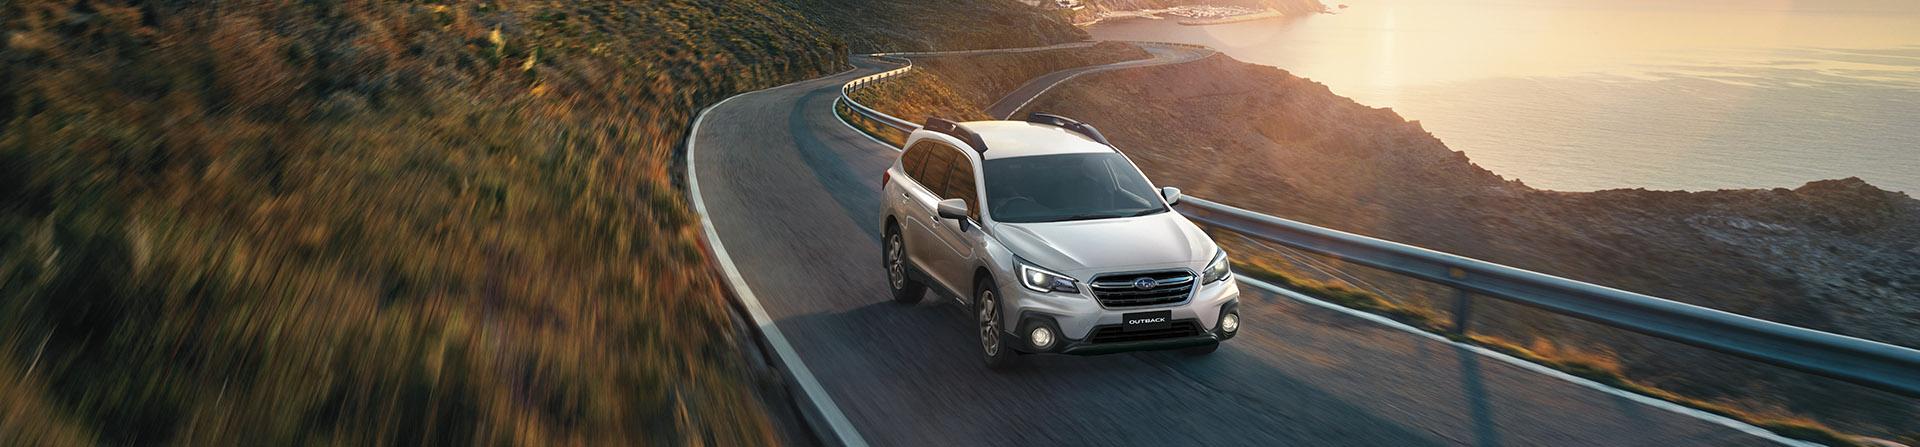 Subaru Outback Image 2